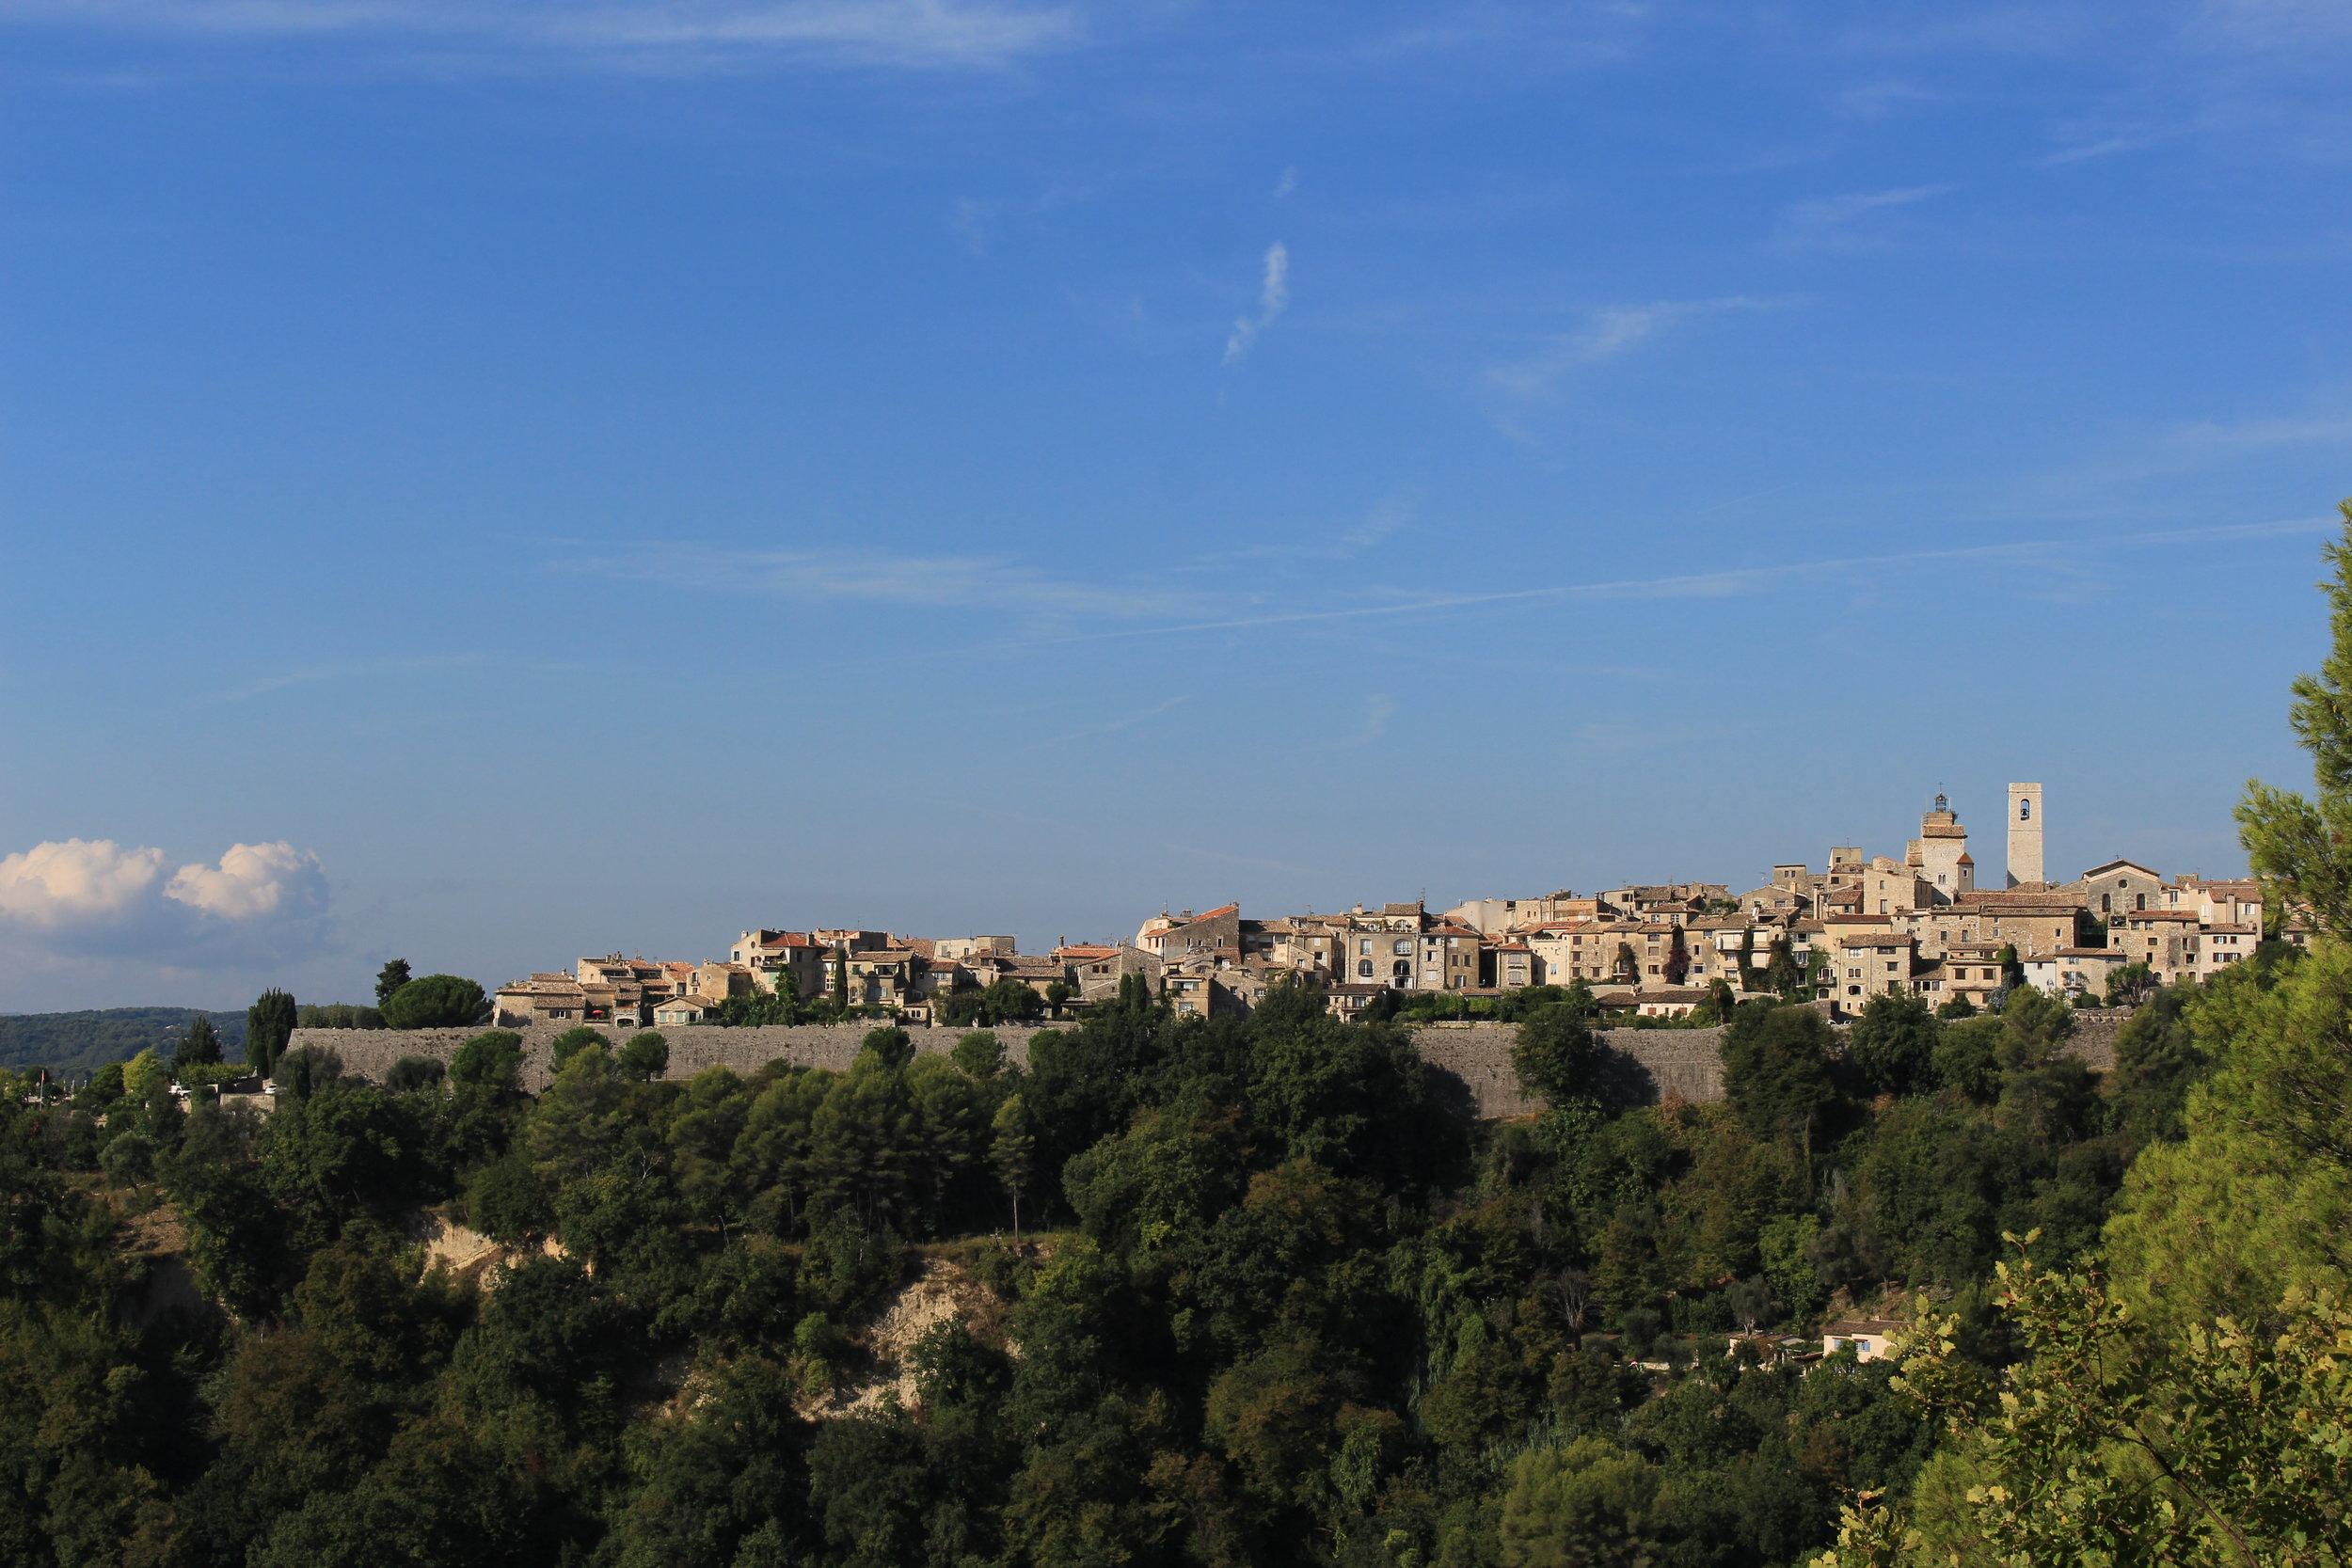 View of Saint-Paul-de-Vence